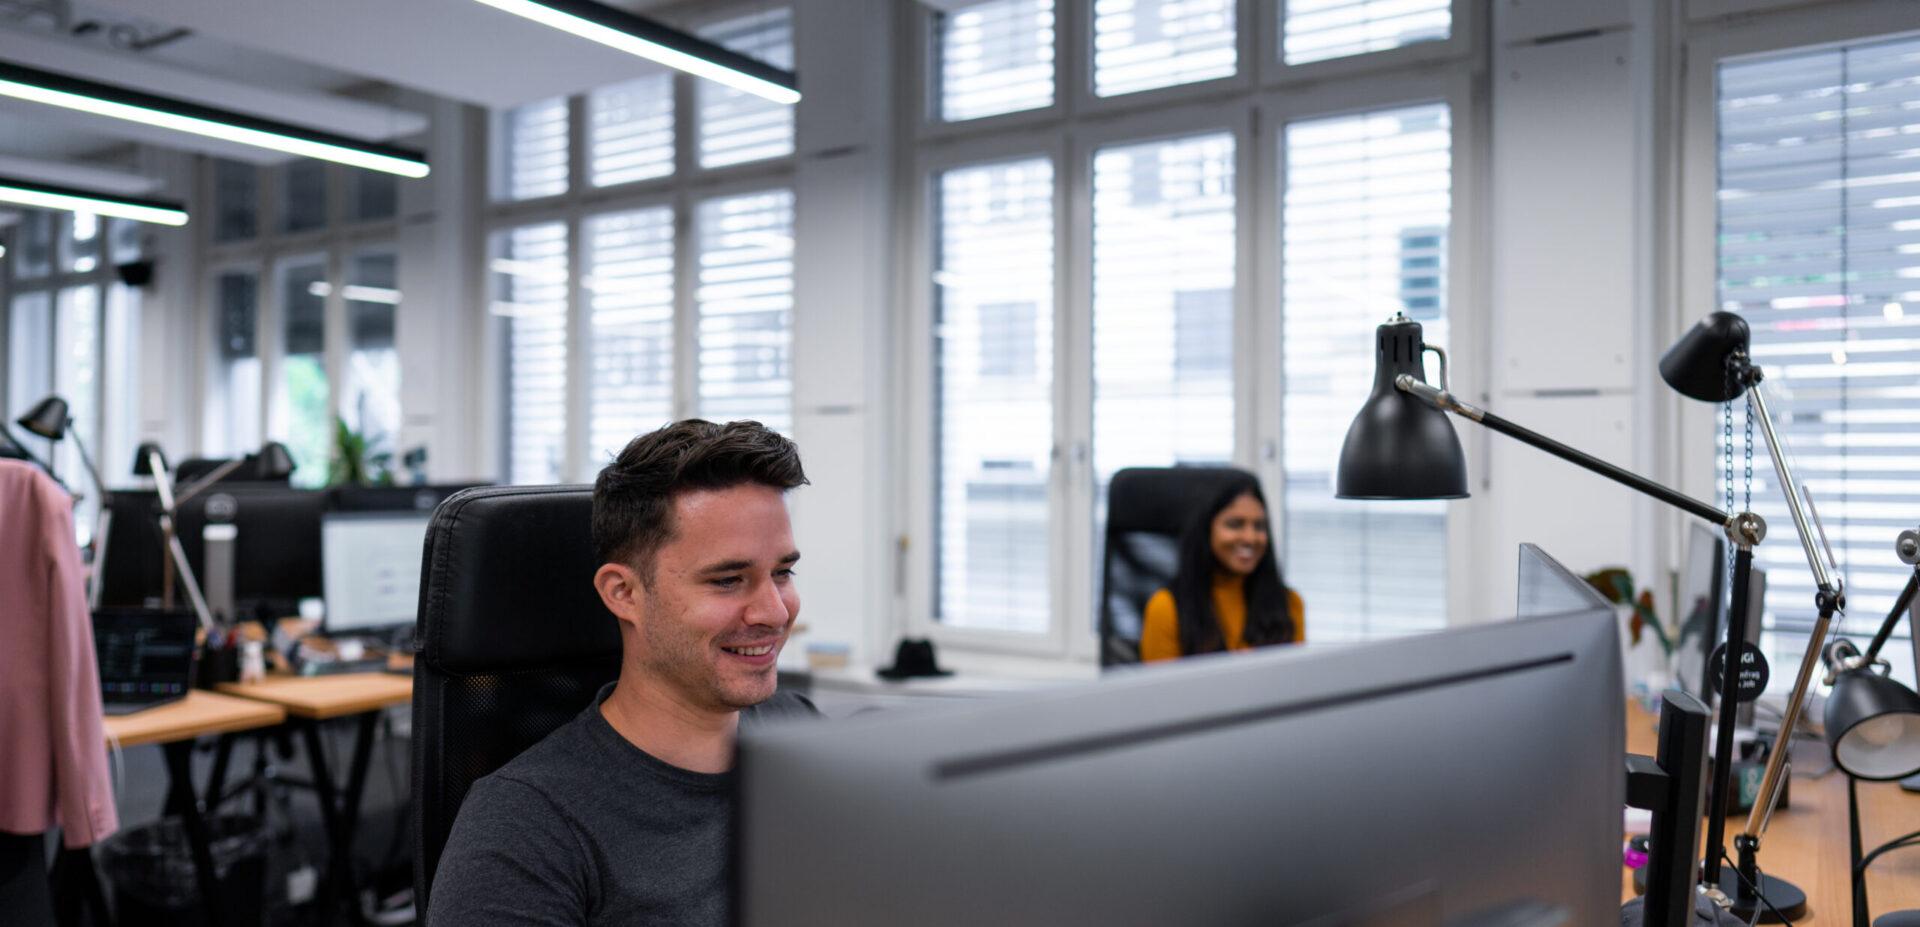 ads&figures Mitarbeitende arbeiten am Bildschirm